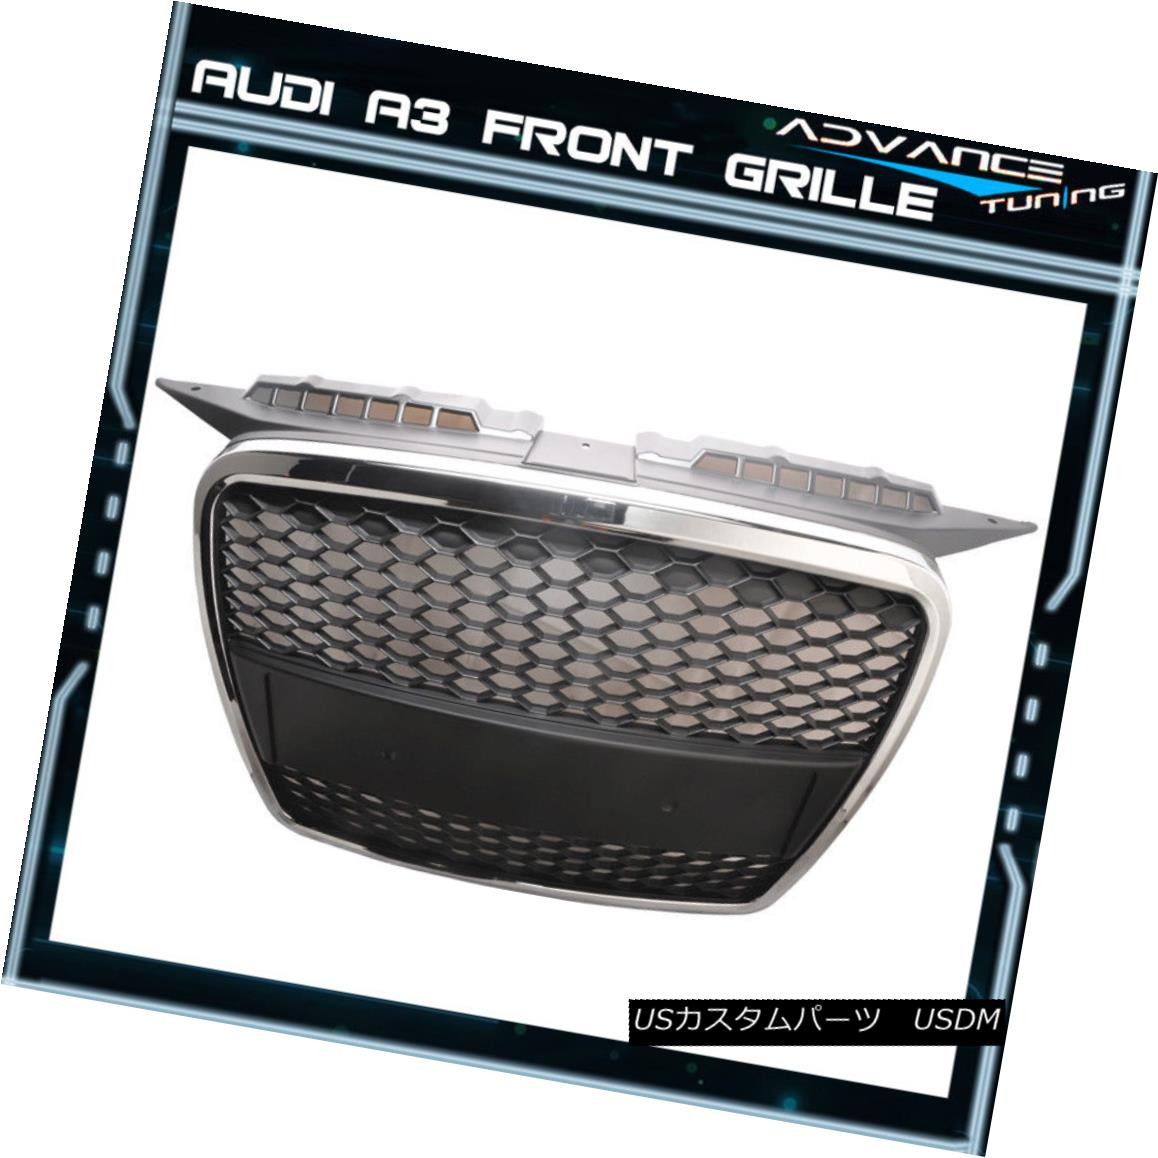 グリル Fits 06-08 Audi A3 ABS Front Mesh Hood Grille Grill Chrome New Grille06 フィット06-08アウディA3 ABSフロントメッシュフードグリルグリルクロムニューグリル06